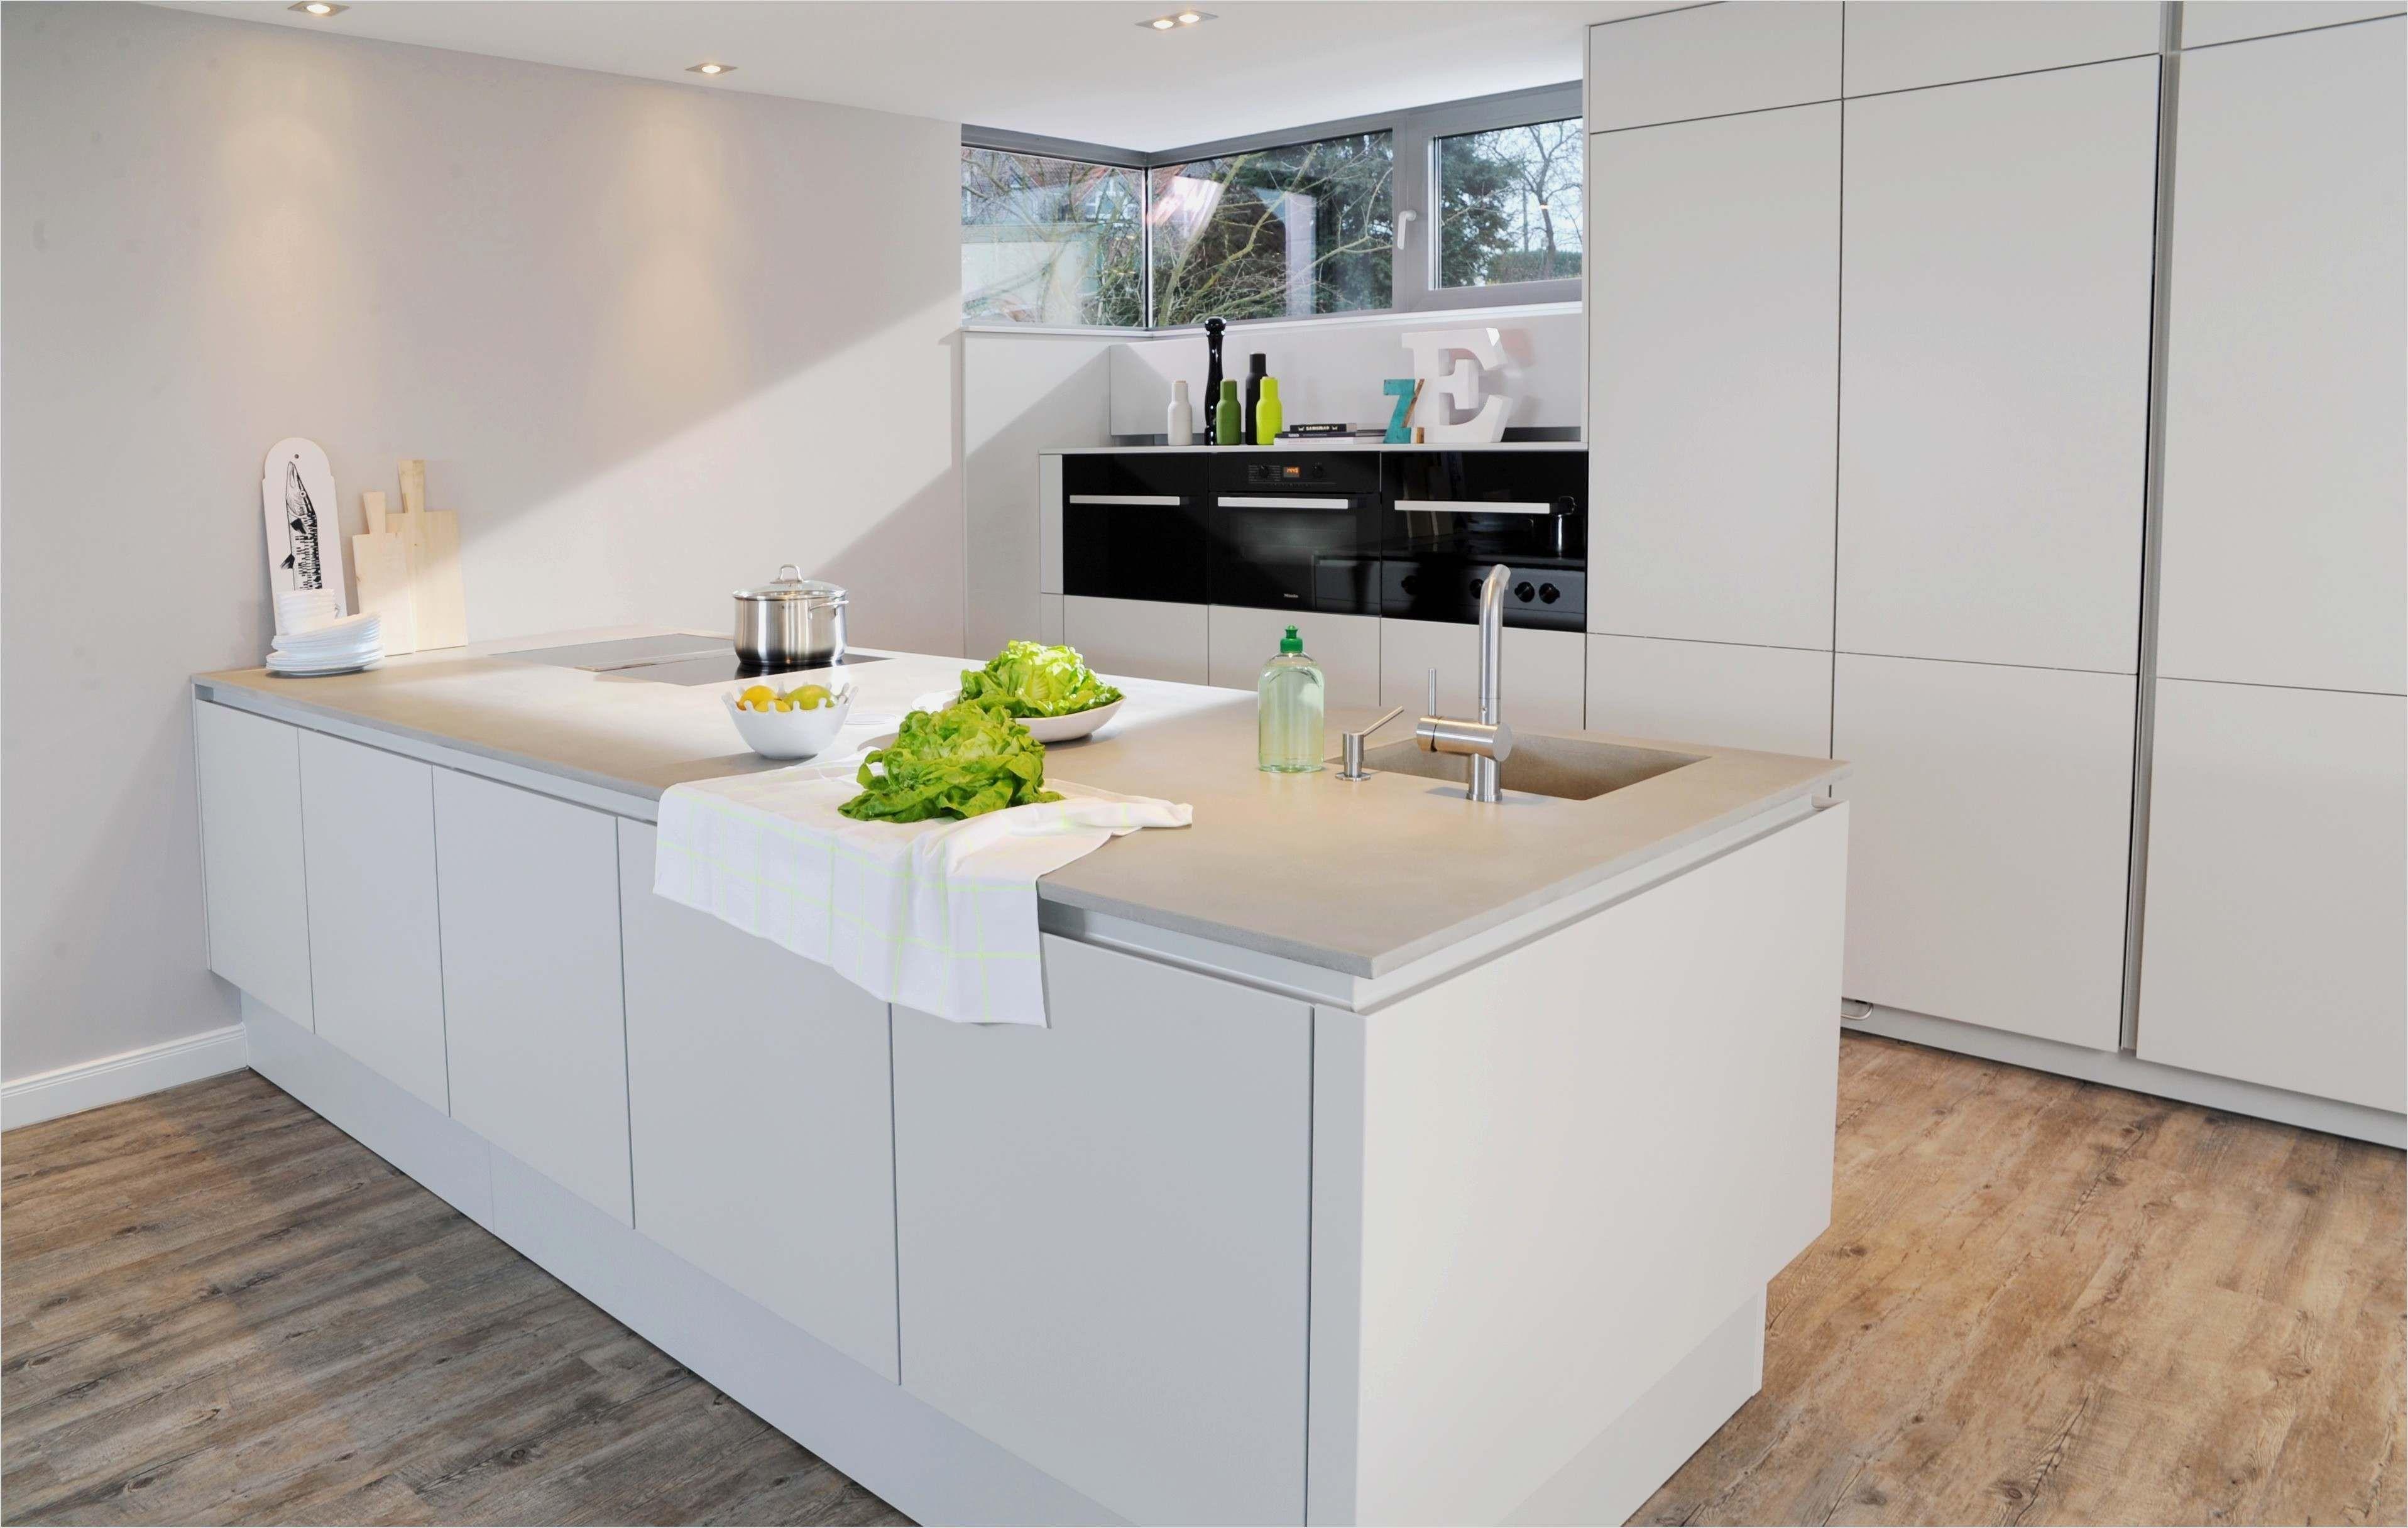 U Kuche Weiss Hochglanz Genial Elegant Ikea Kuche Weiss Hochglanz White Kitchen Remodeling Ikea Kitchen Kitchen Decor